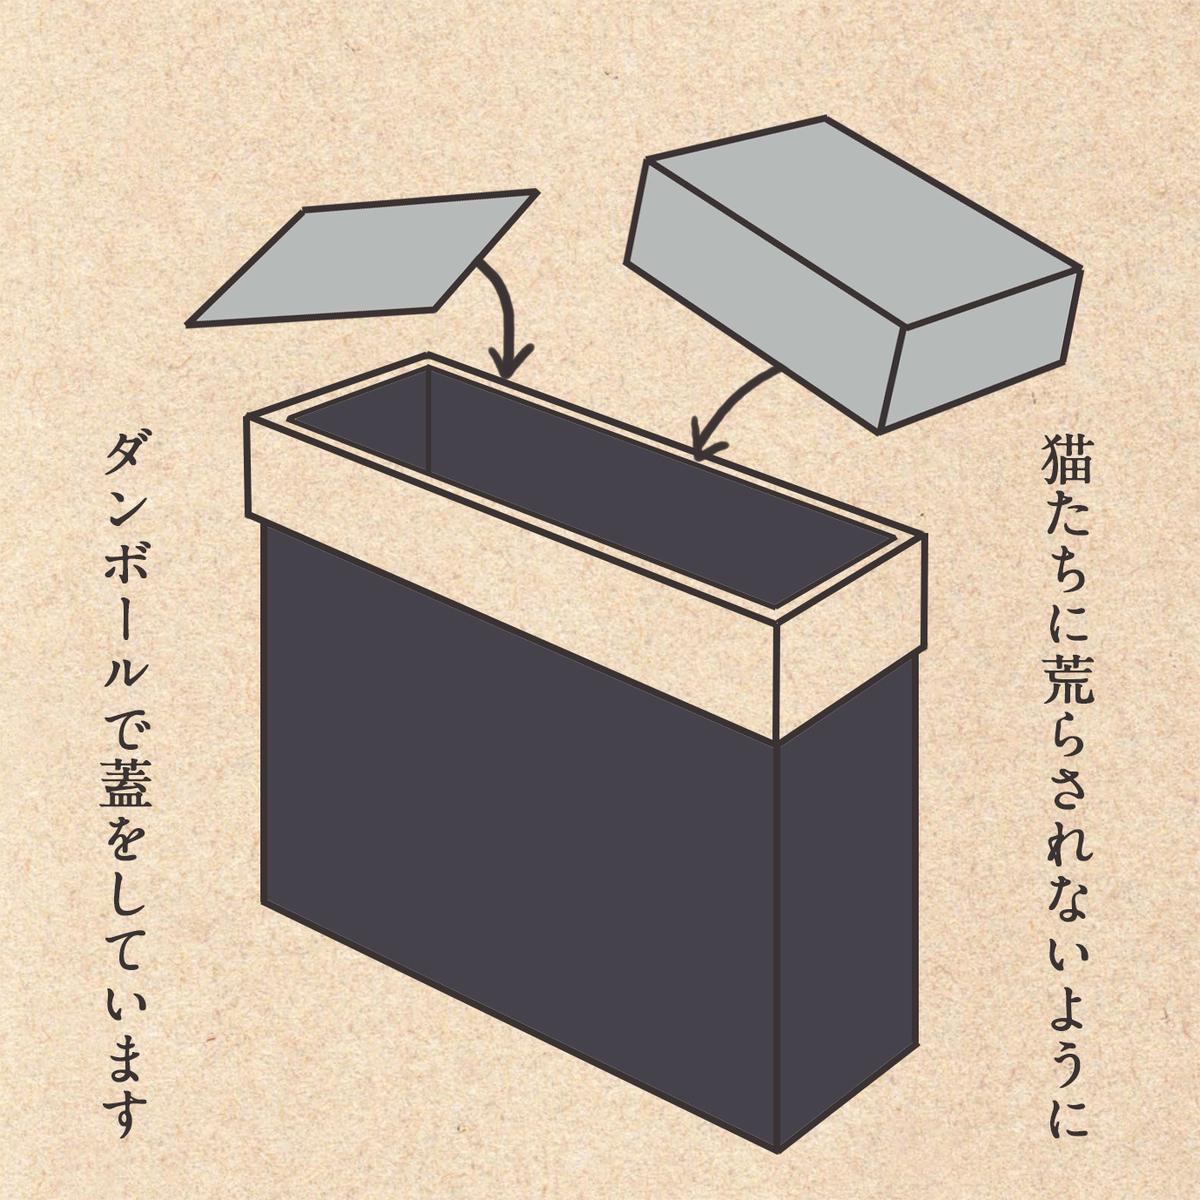 f:id:gintetutomi:20191208234151j:plain